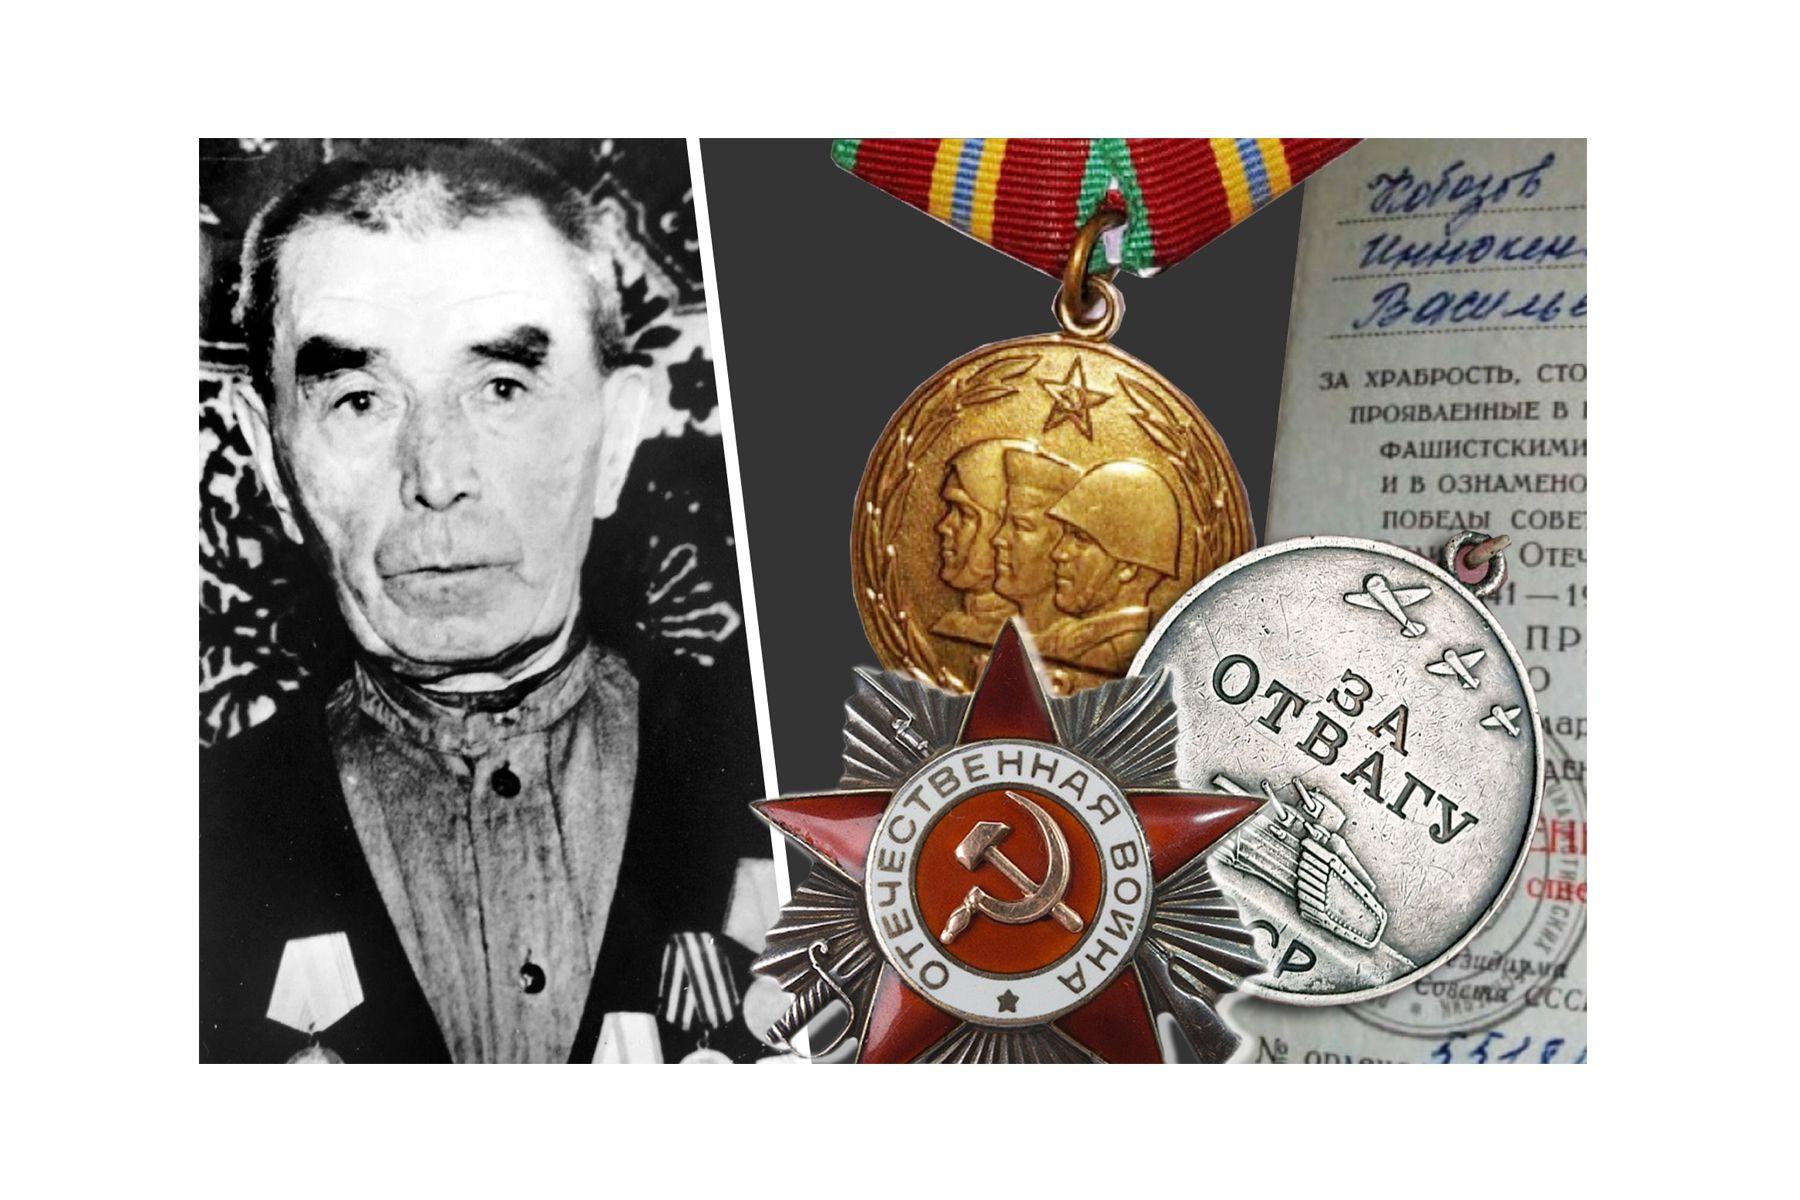 75 лет Победы: Кобозов Иннокентий Васильевич